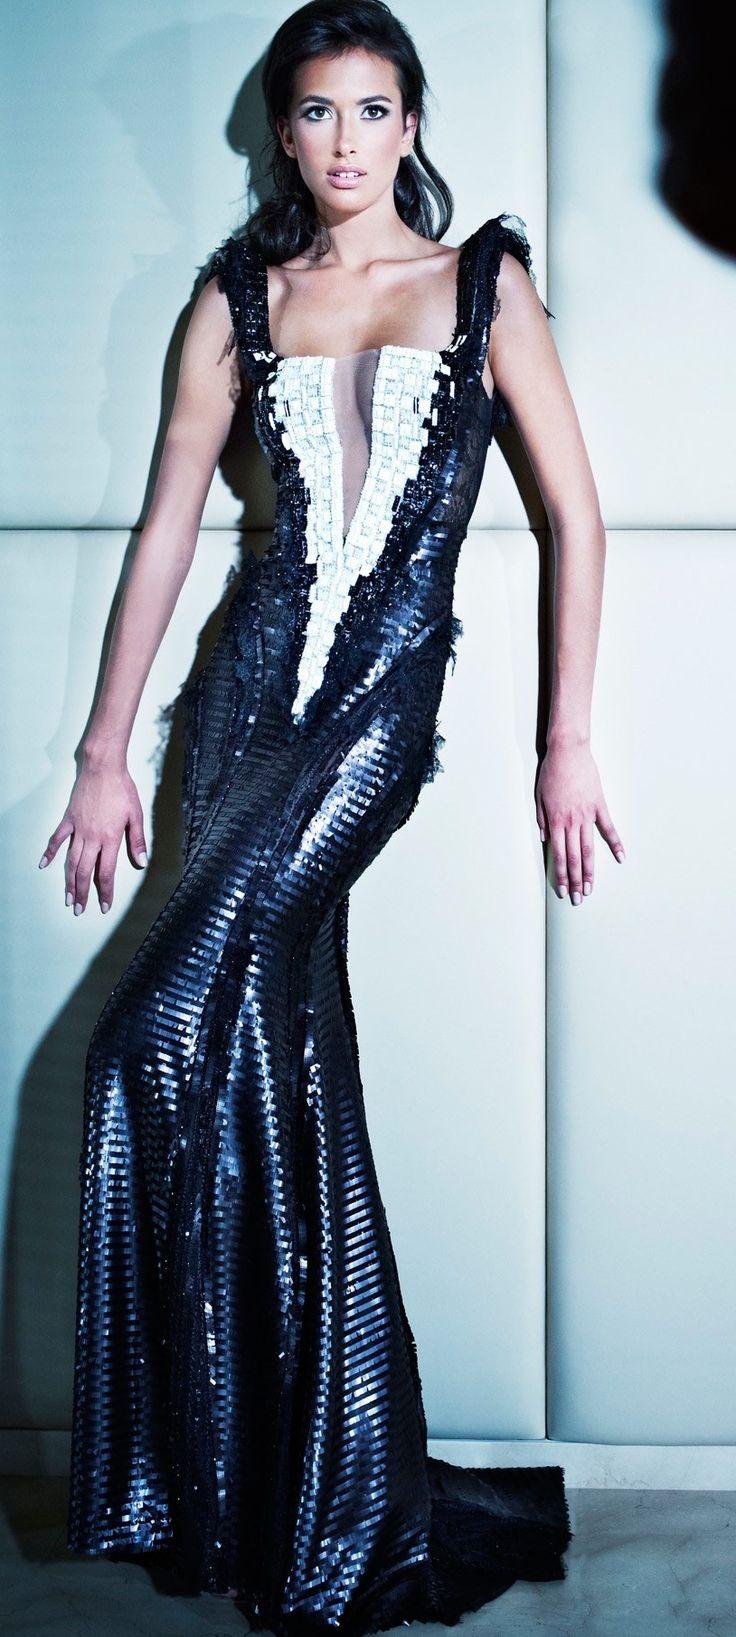 ليلة عمرهاأحدث نقوشات مانيكير 2013فساتين لبنوتك الجميلةالعلاقة الحميمة أثناء الرضاعةمراهقة